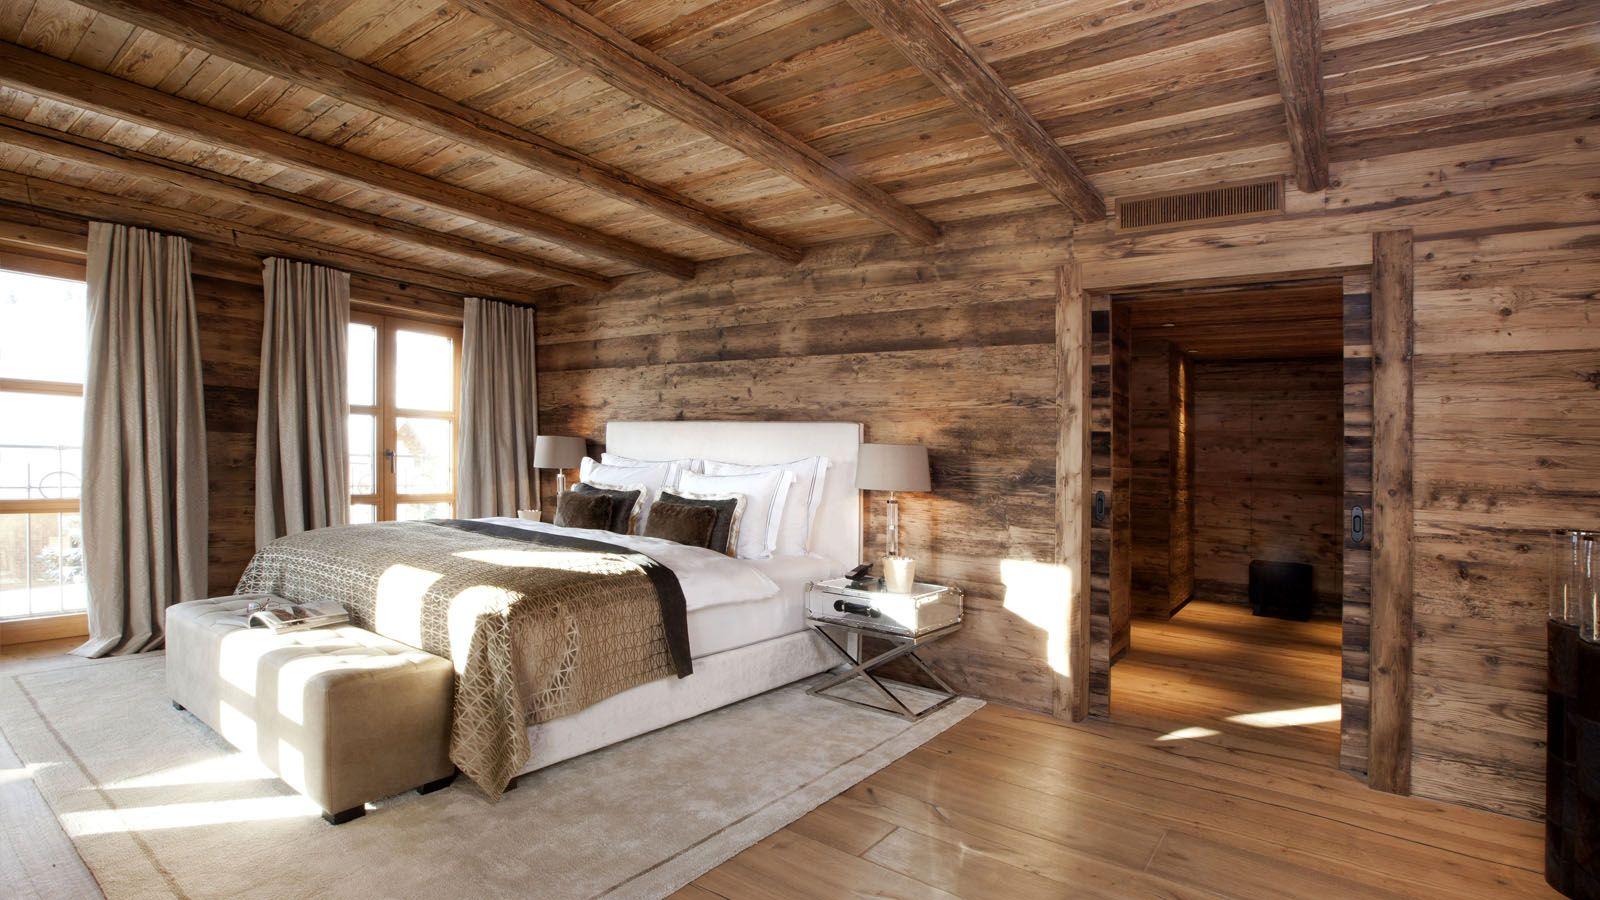 suites chalet n oberlech architektur pinterest ihr stil schlafzimmer und h tten. Black Bedroom Furniture Sets. Home Design Ideas